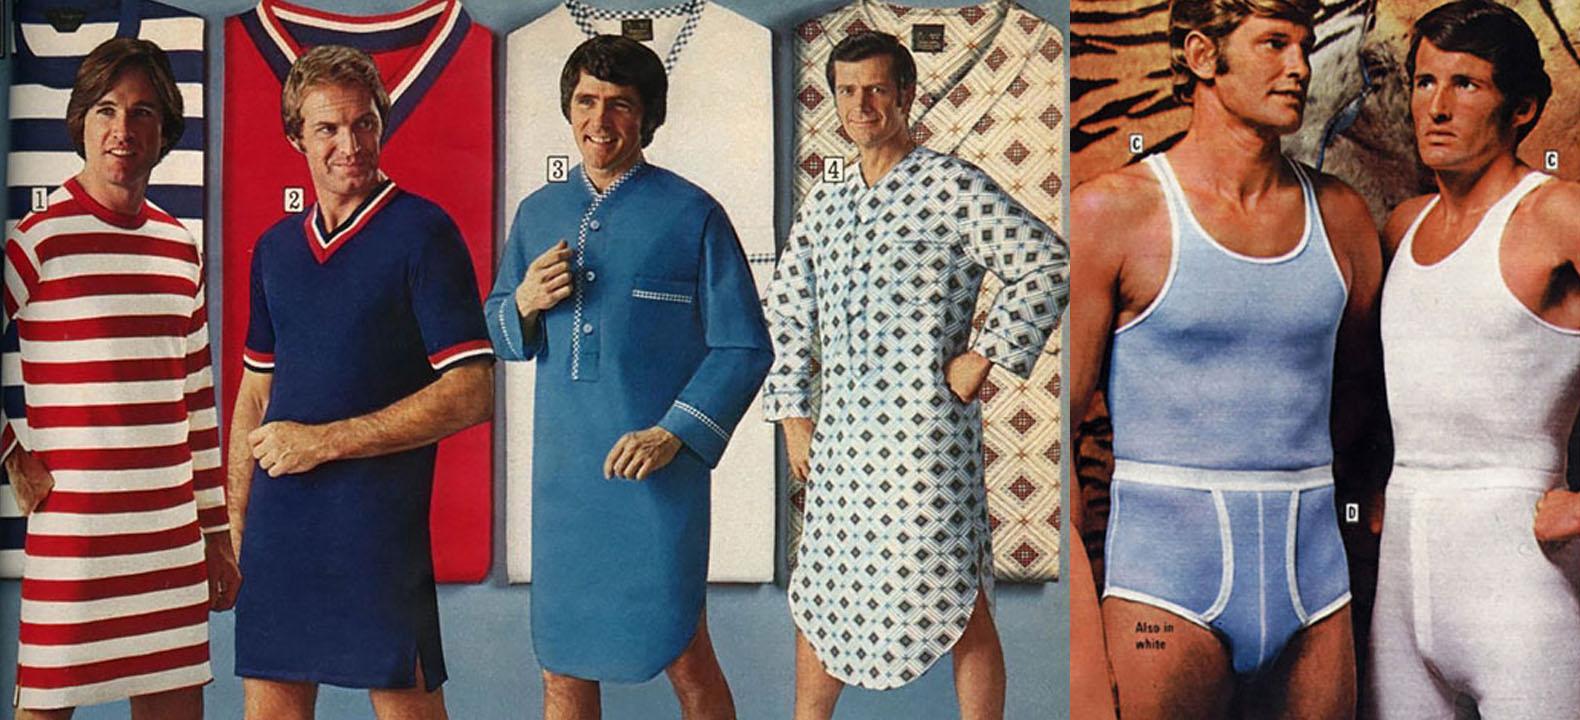 Super Mannenmode in de jaren '70 zag er zo uit | Enfait &BA38